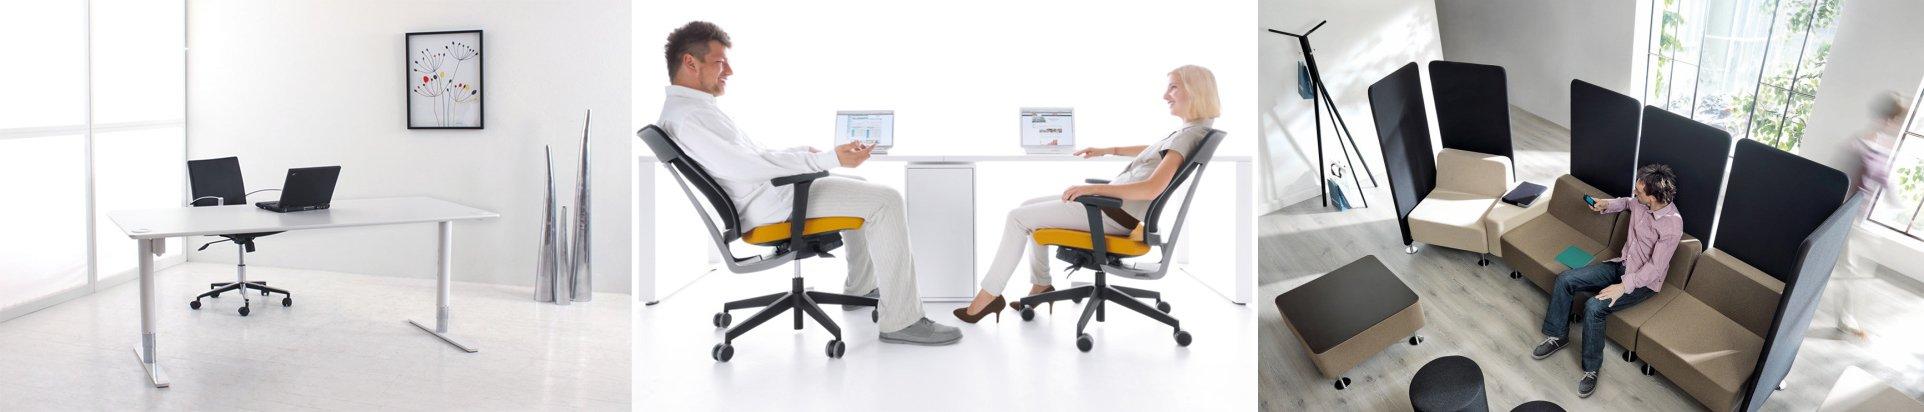 Тест-драйв эргономичной мебели для организаций